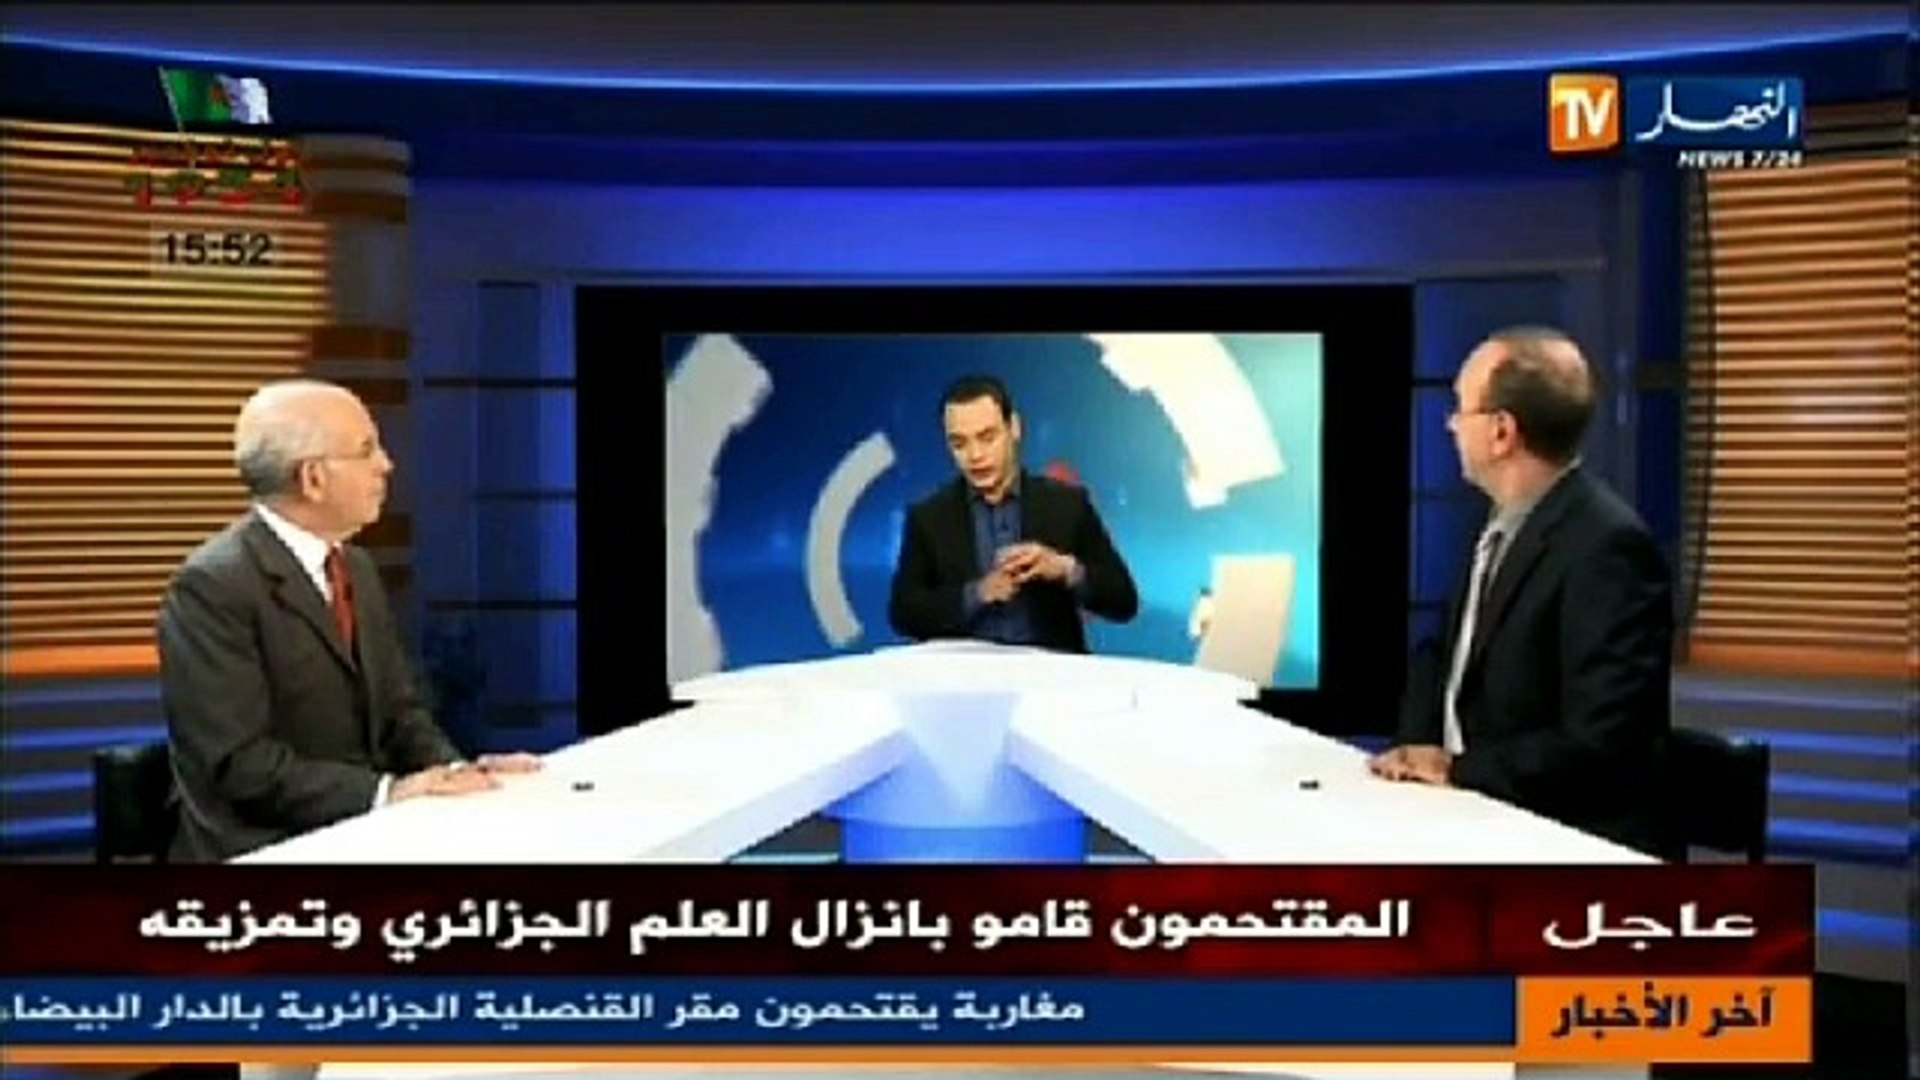 عين حدث -العلاقات الجزائرية المغربيه -3-